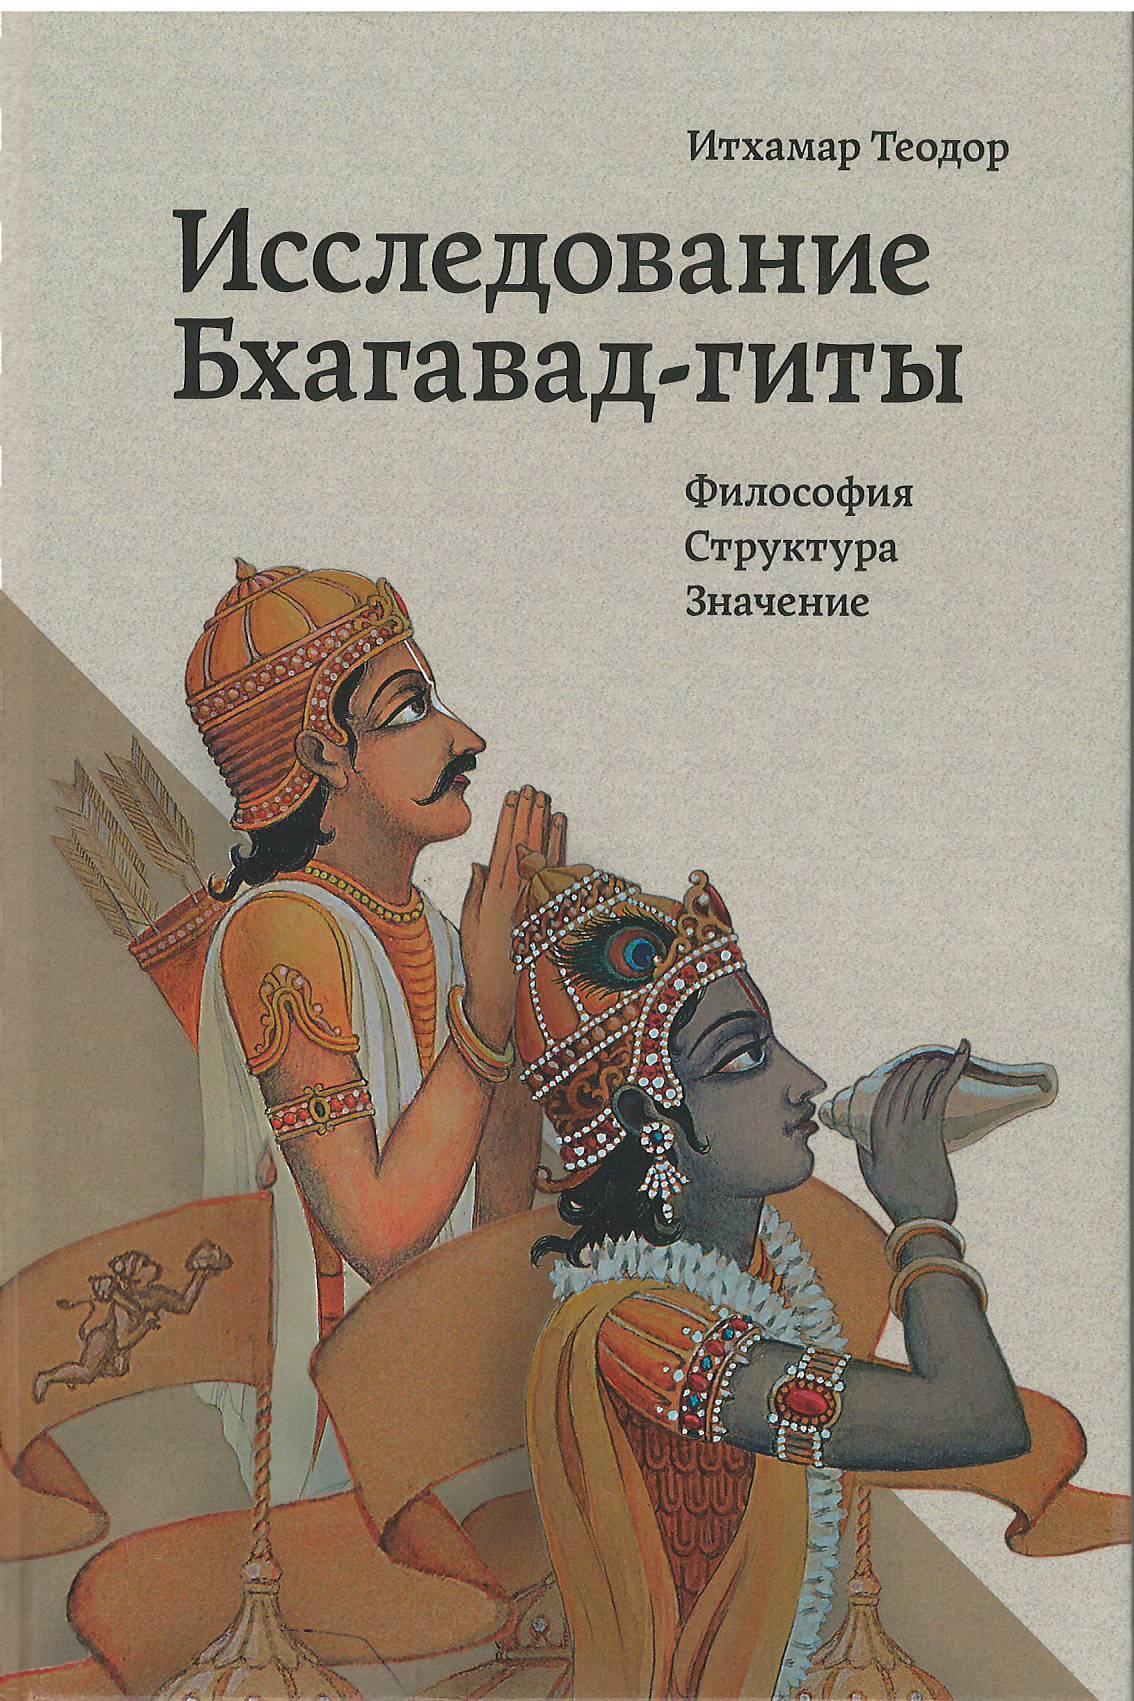 Исследование Бхагавад-гиты. Философия, Структура, Значение